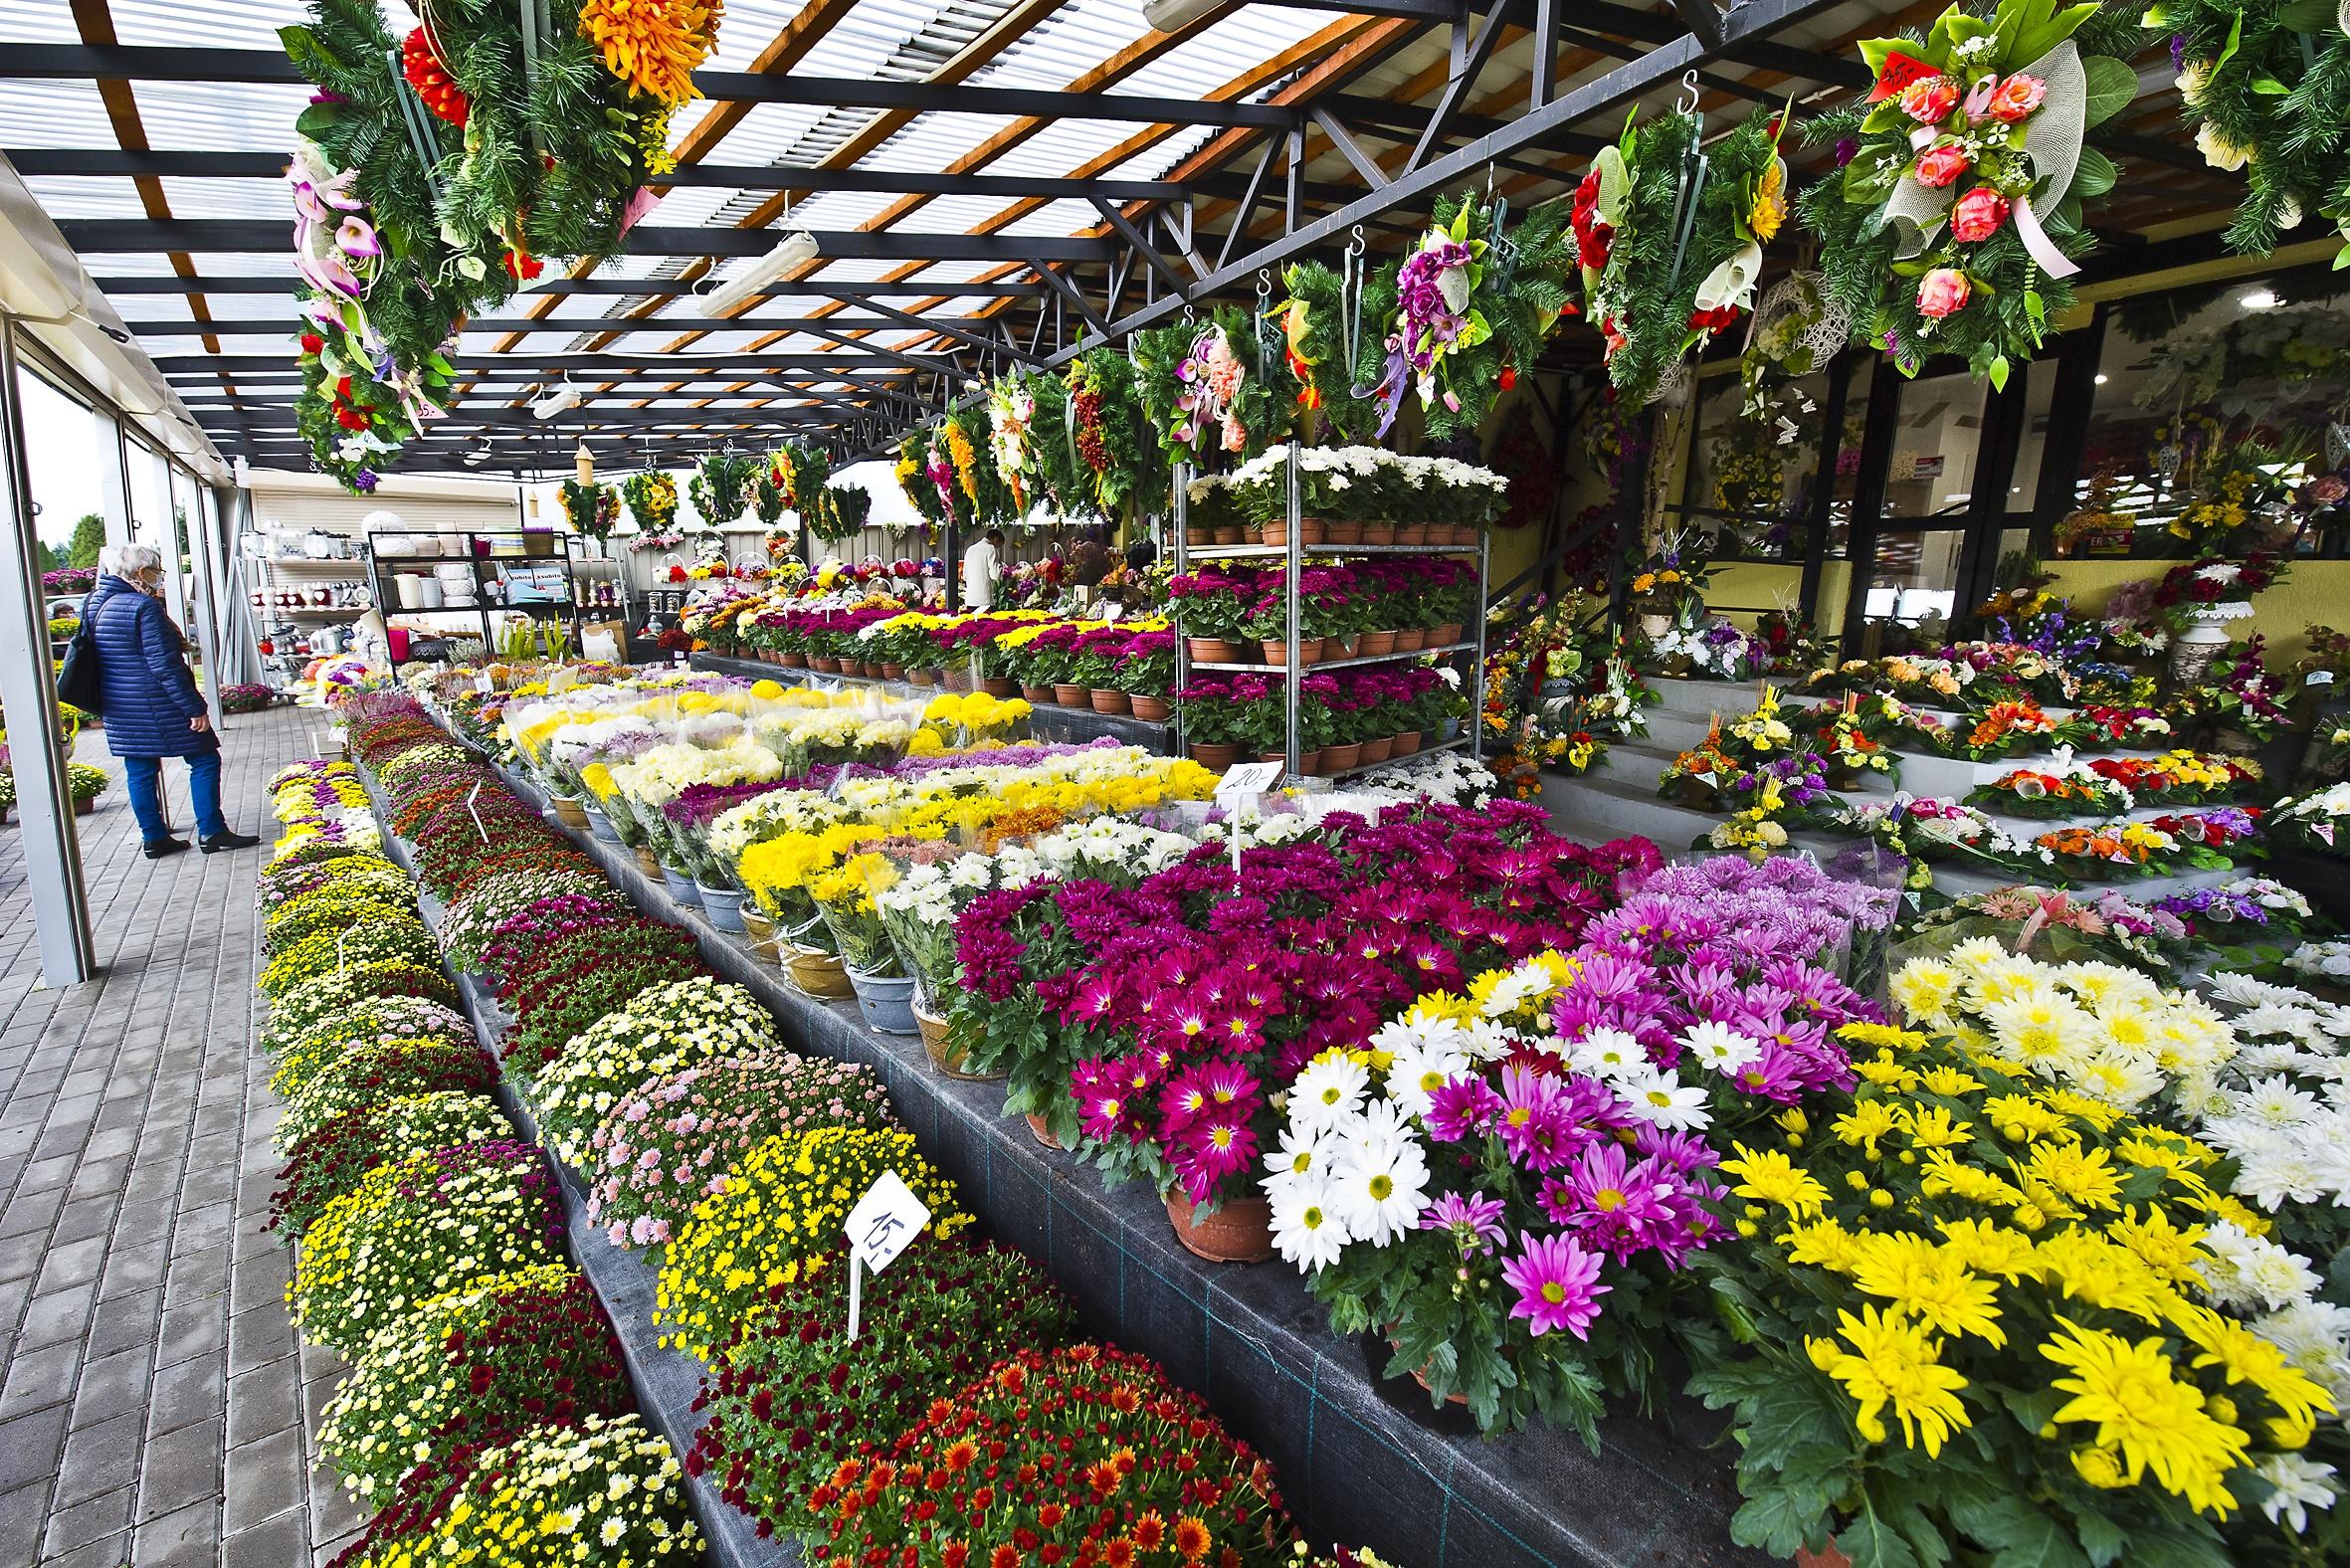 Koronawirus Biznes Kwiatowy W Polsce W 2020 Roku Jmp Flowers I Inne Firmy Biznes Forbes Pl